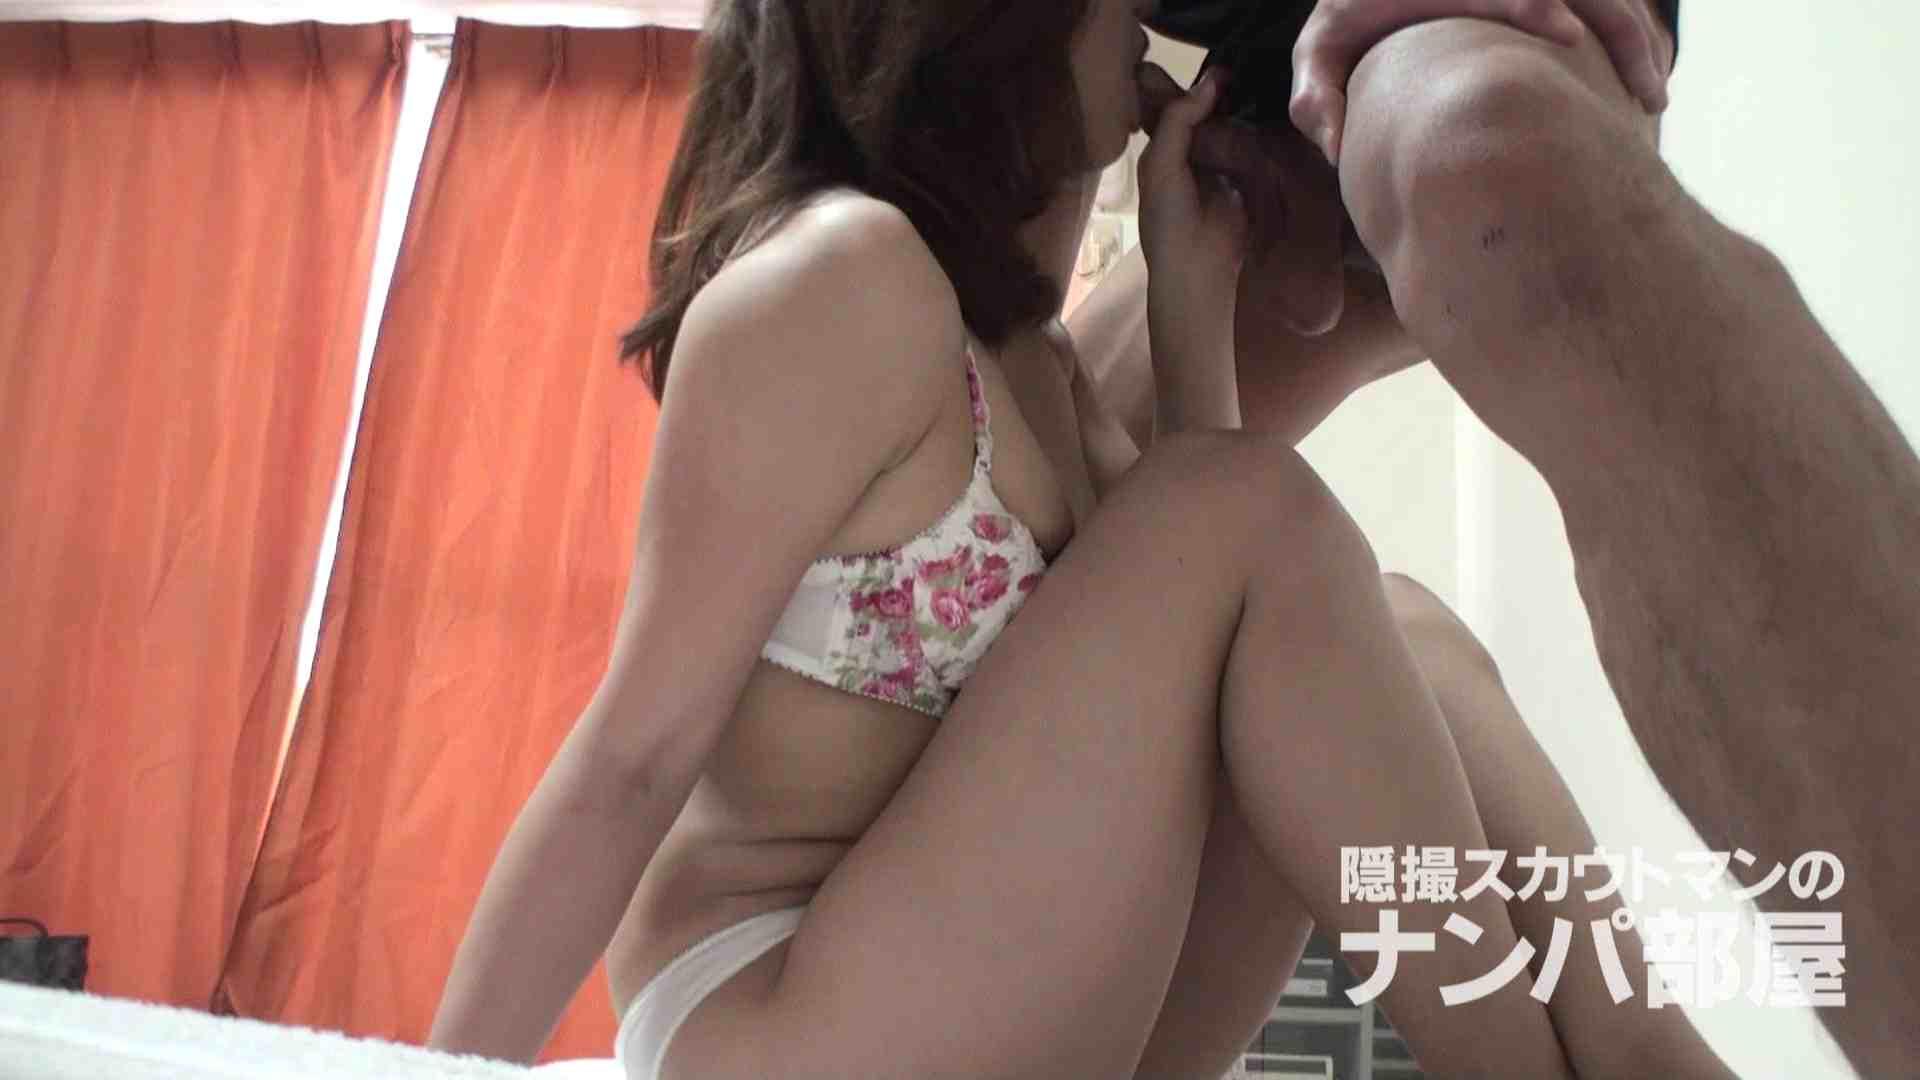 隠撮スカウトマンのナンパ部屋~風俗デビュー前のつまみ食い~ siivol.2 OLのエッチ  83pic 60